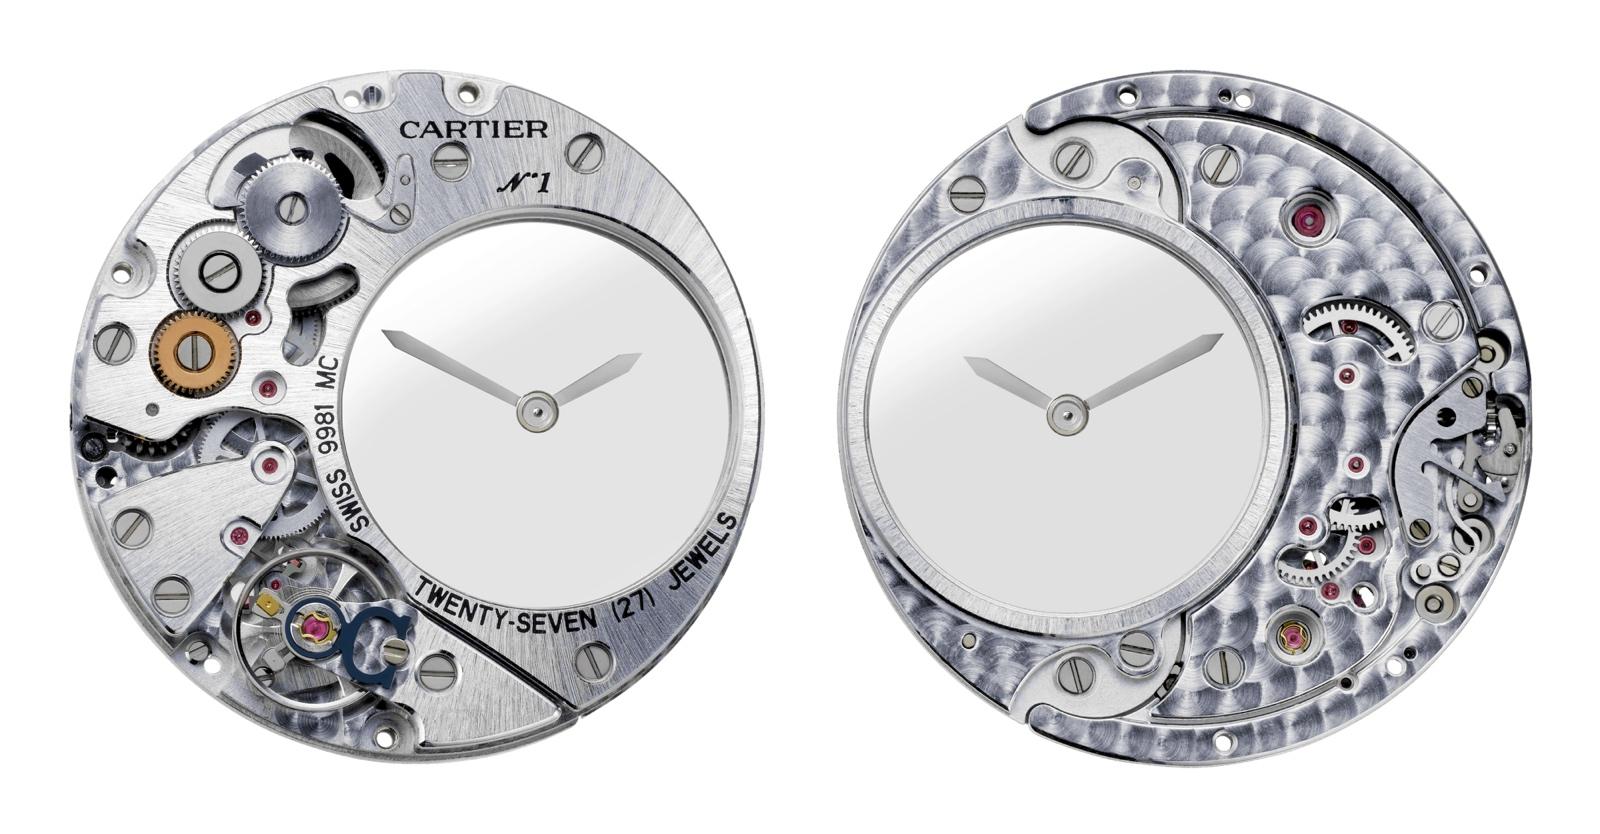 Clé de Cartier Mysterious Hour - calibre 9981 MC